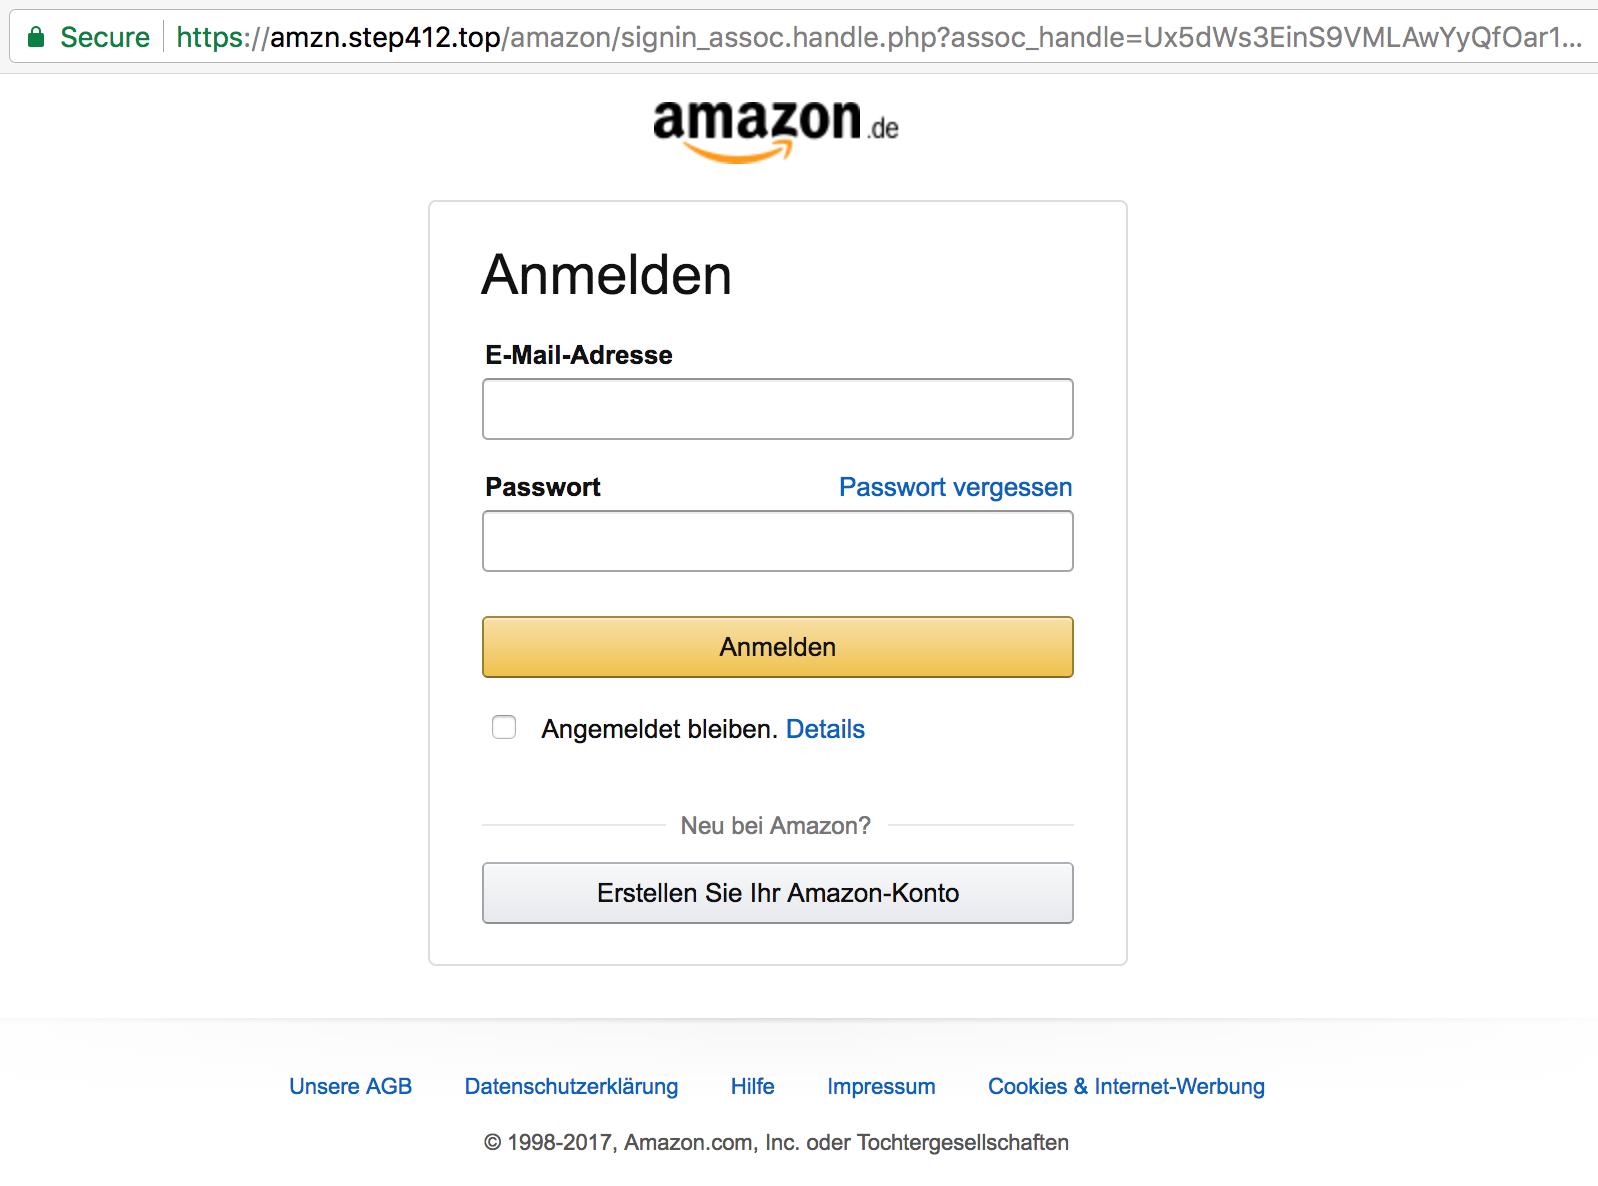 amazon https phishing site example